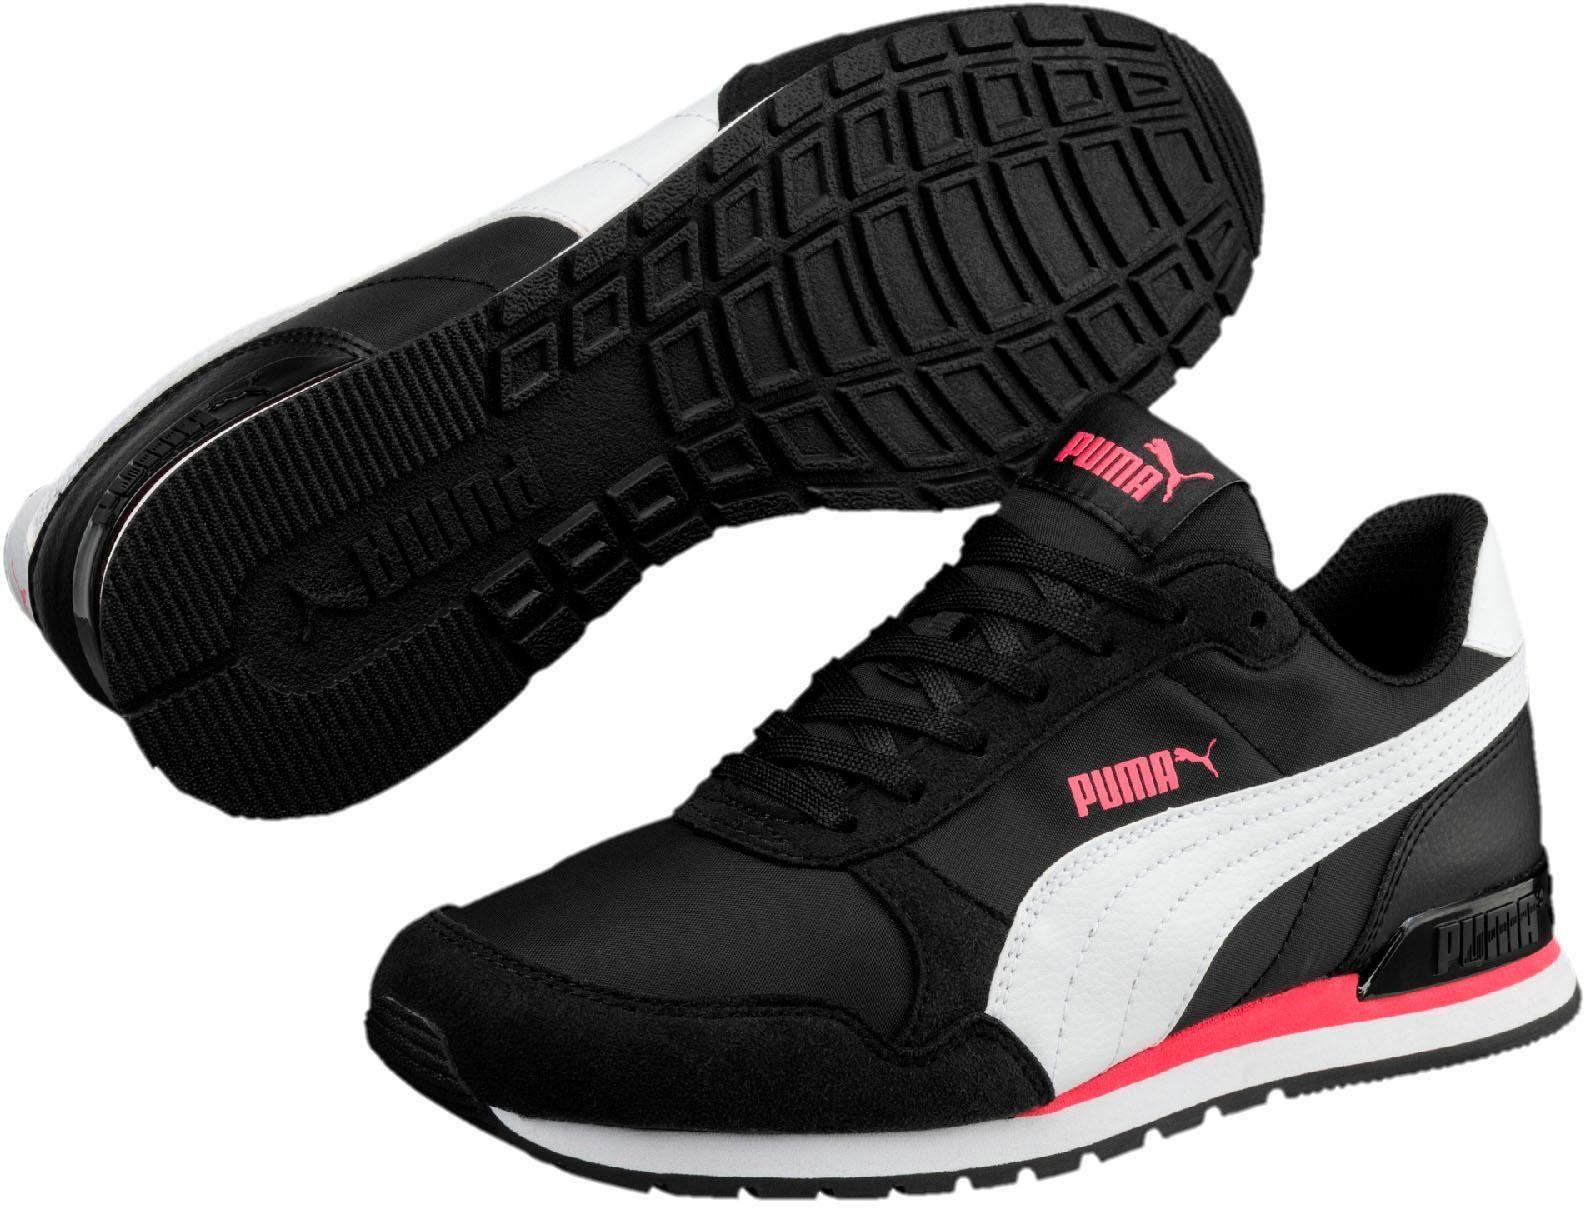 PUMA »ST Runner v2NL« Sneaker, Modischer Sneaker von Puma online kaufen | OTTO